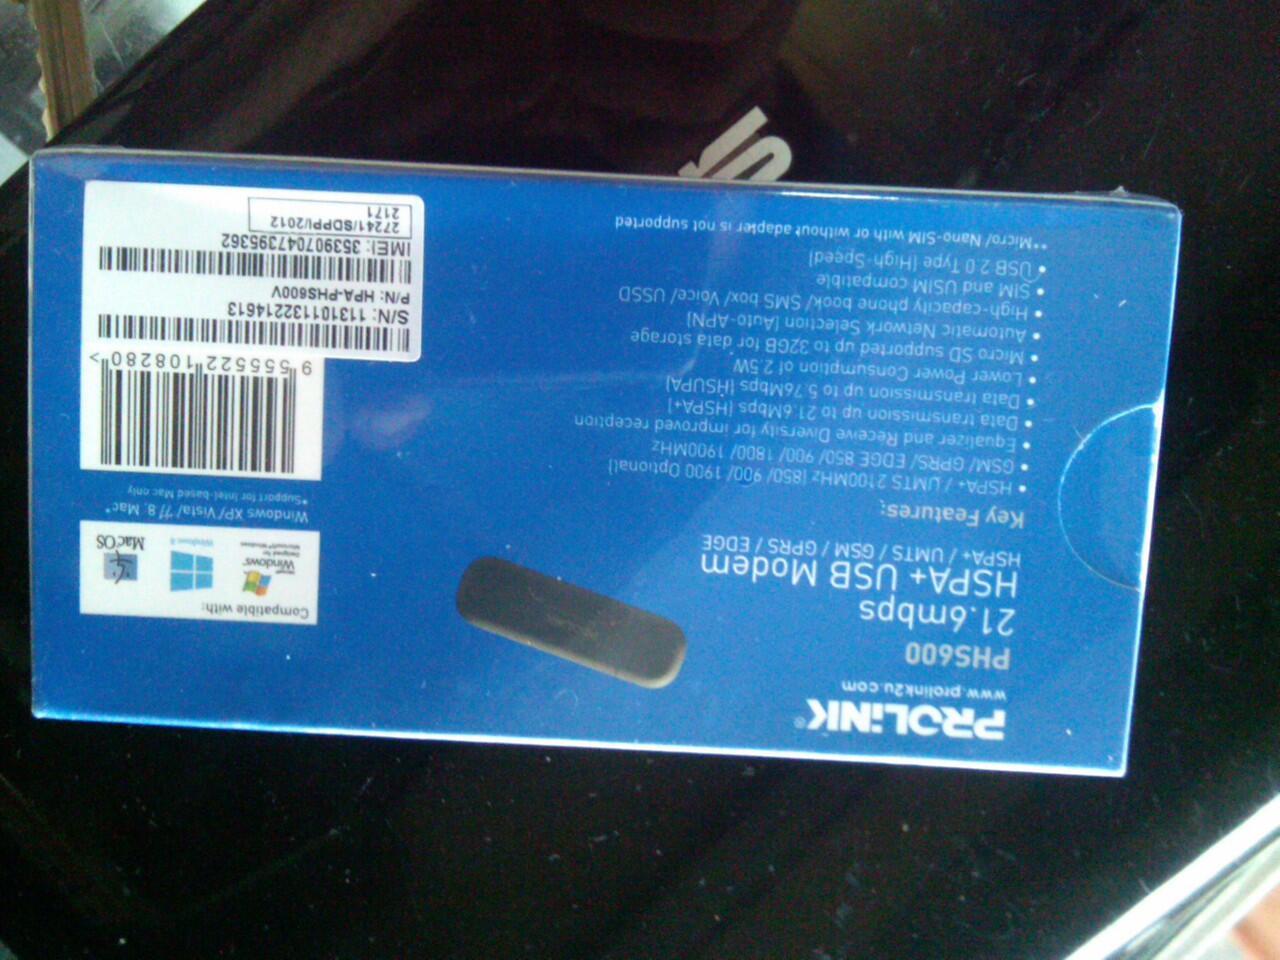 NEW modem Prolink PHS 600 21,6 mbps SOLO MURAH